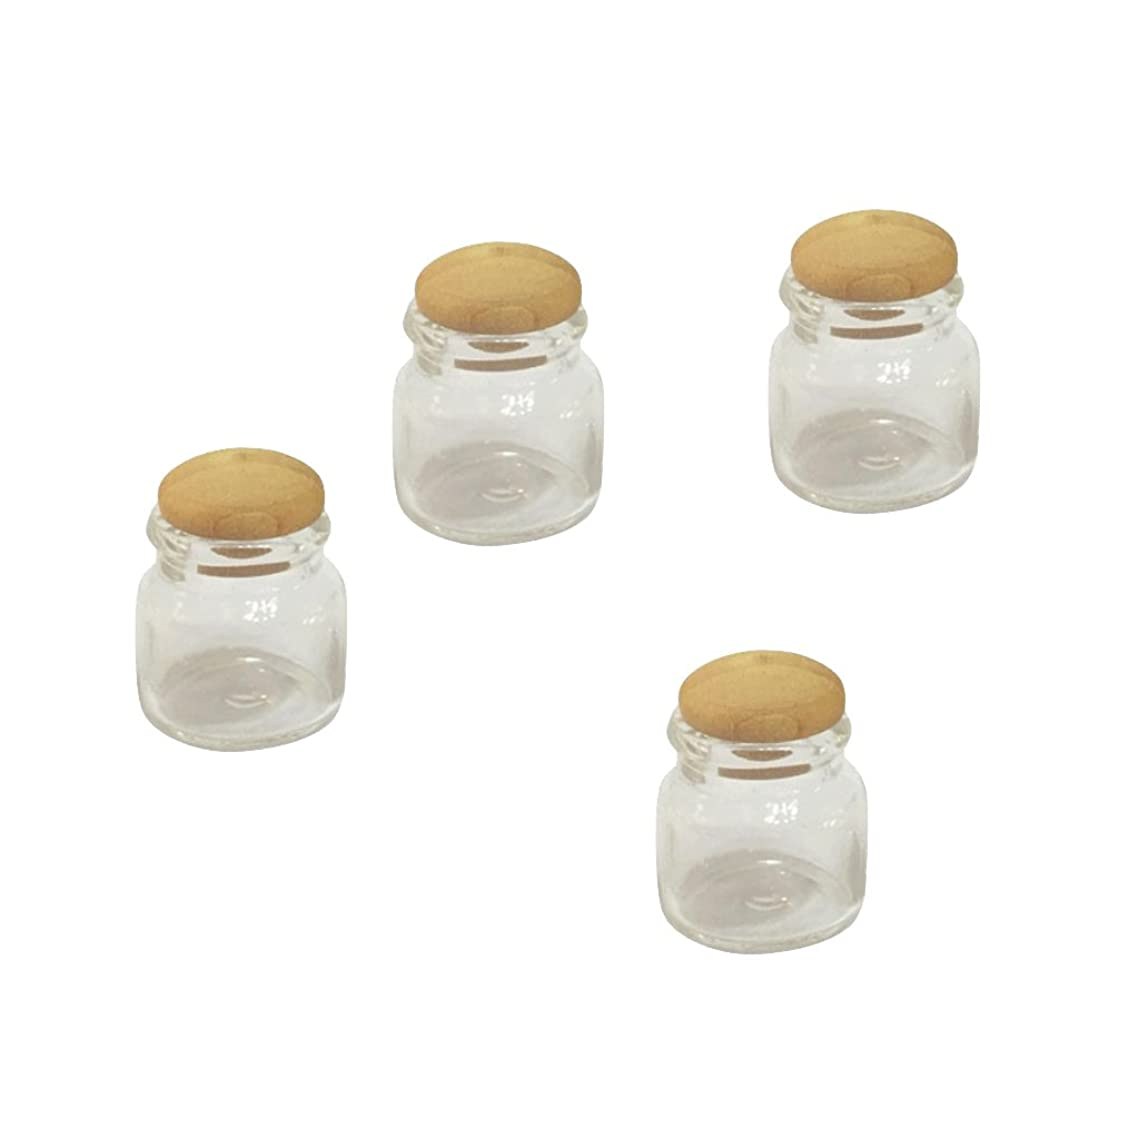 回転打撃制約4本セット ガラス ミニチュア ミニ瓶 透明 人形用  1:12人形ハウスに適応 装飾用